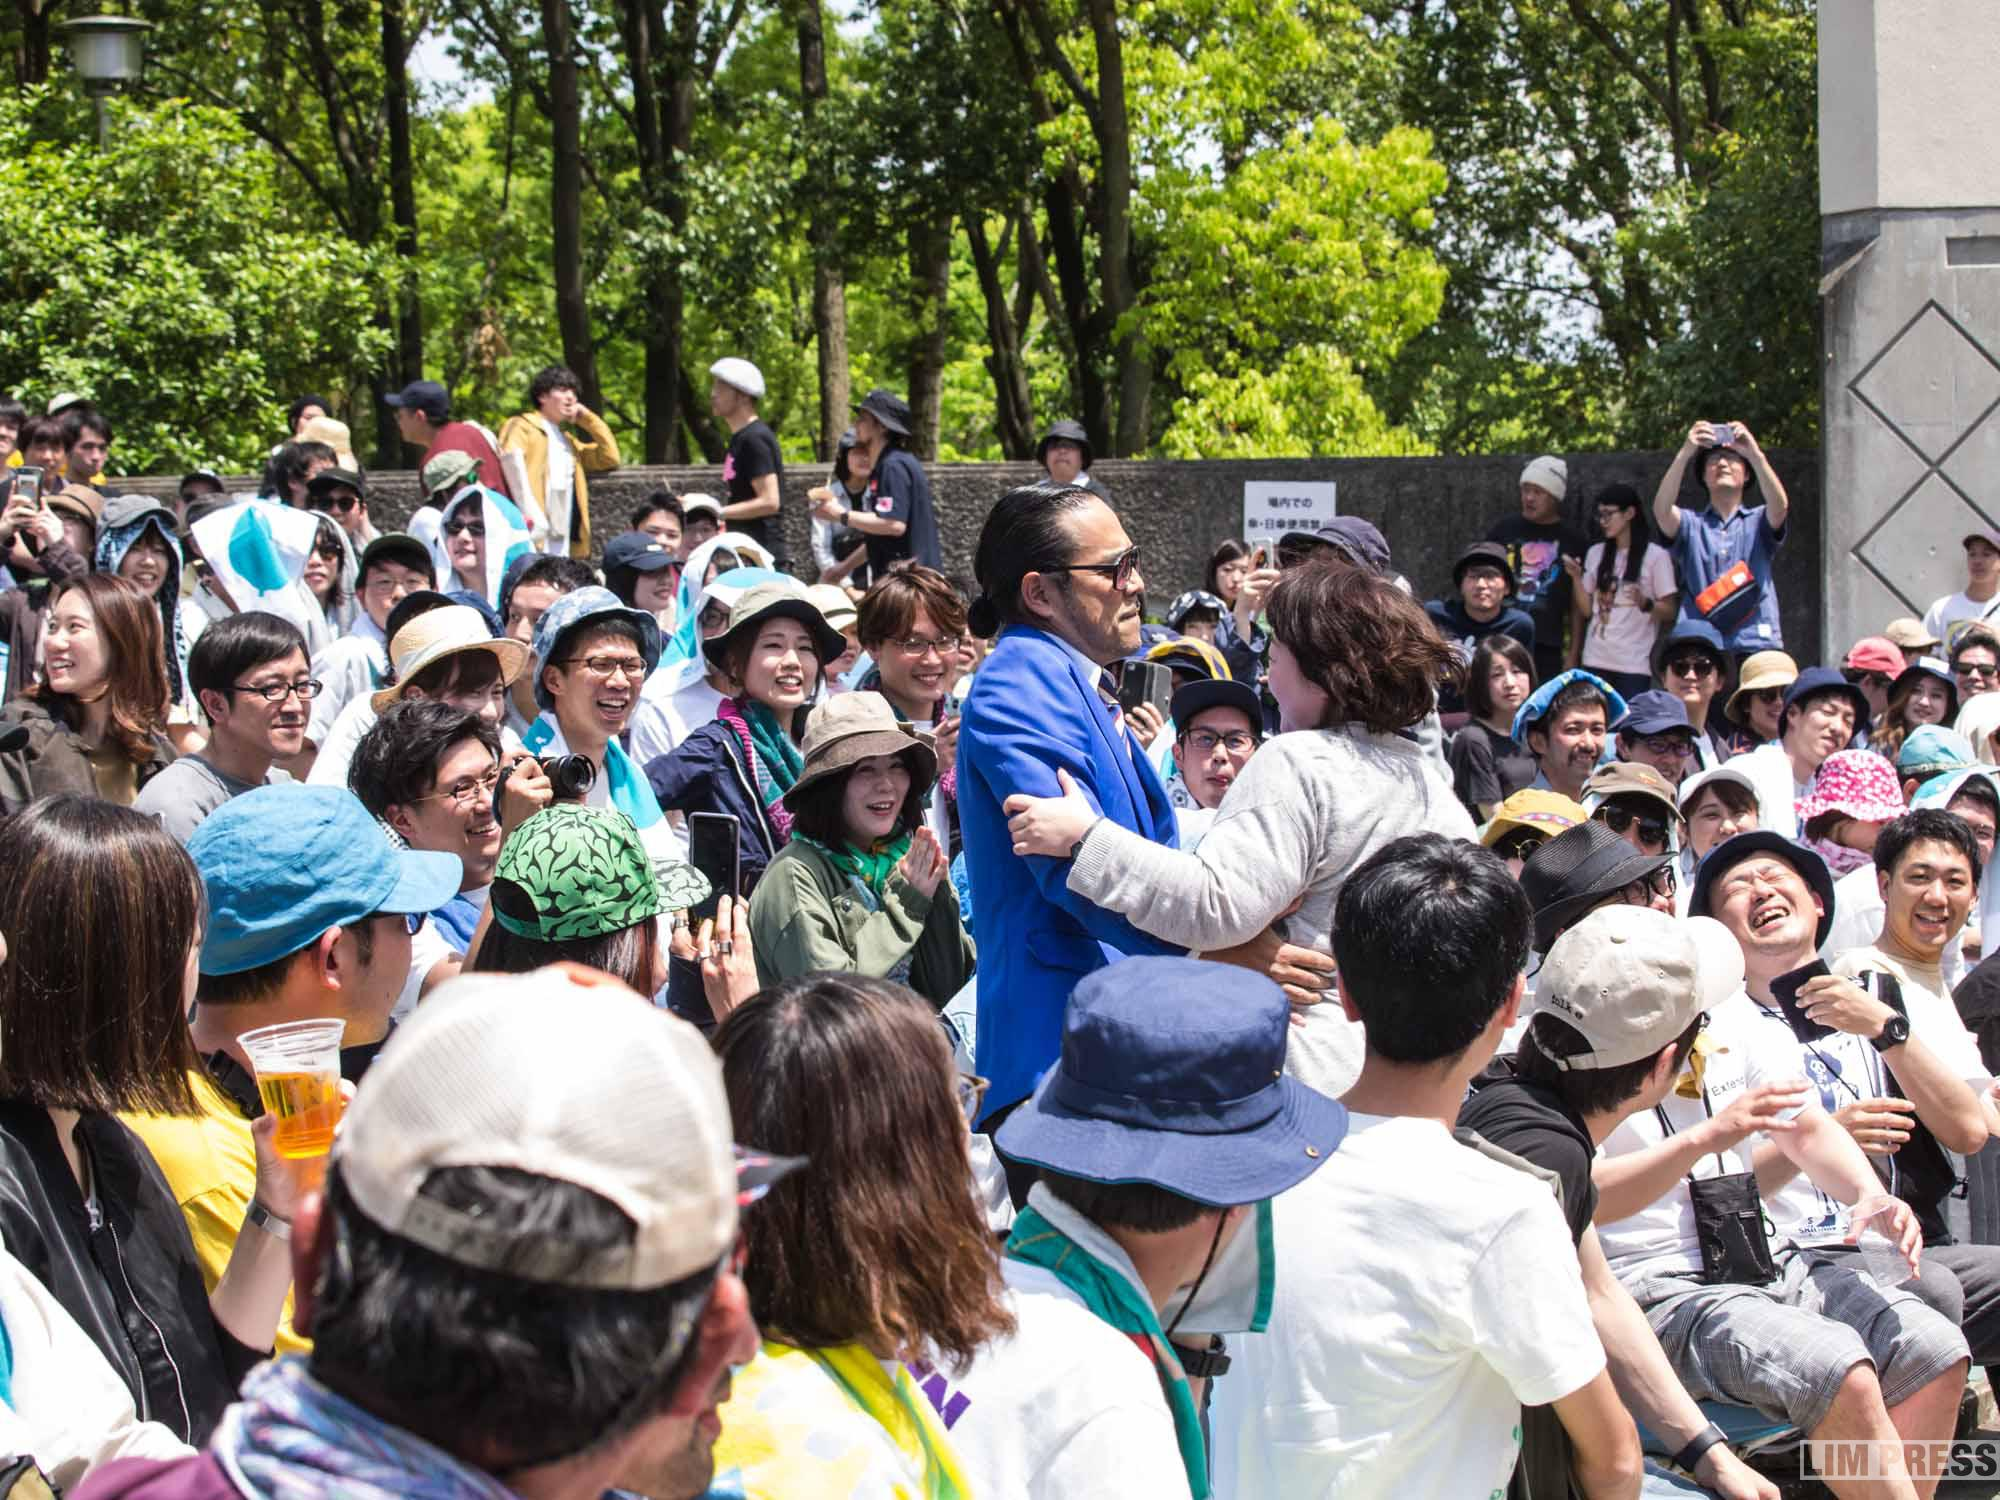 こんがりおんがく祭2019 | 大阪城野外音楽堂 | 2019.05.05 | Part 1